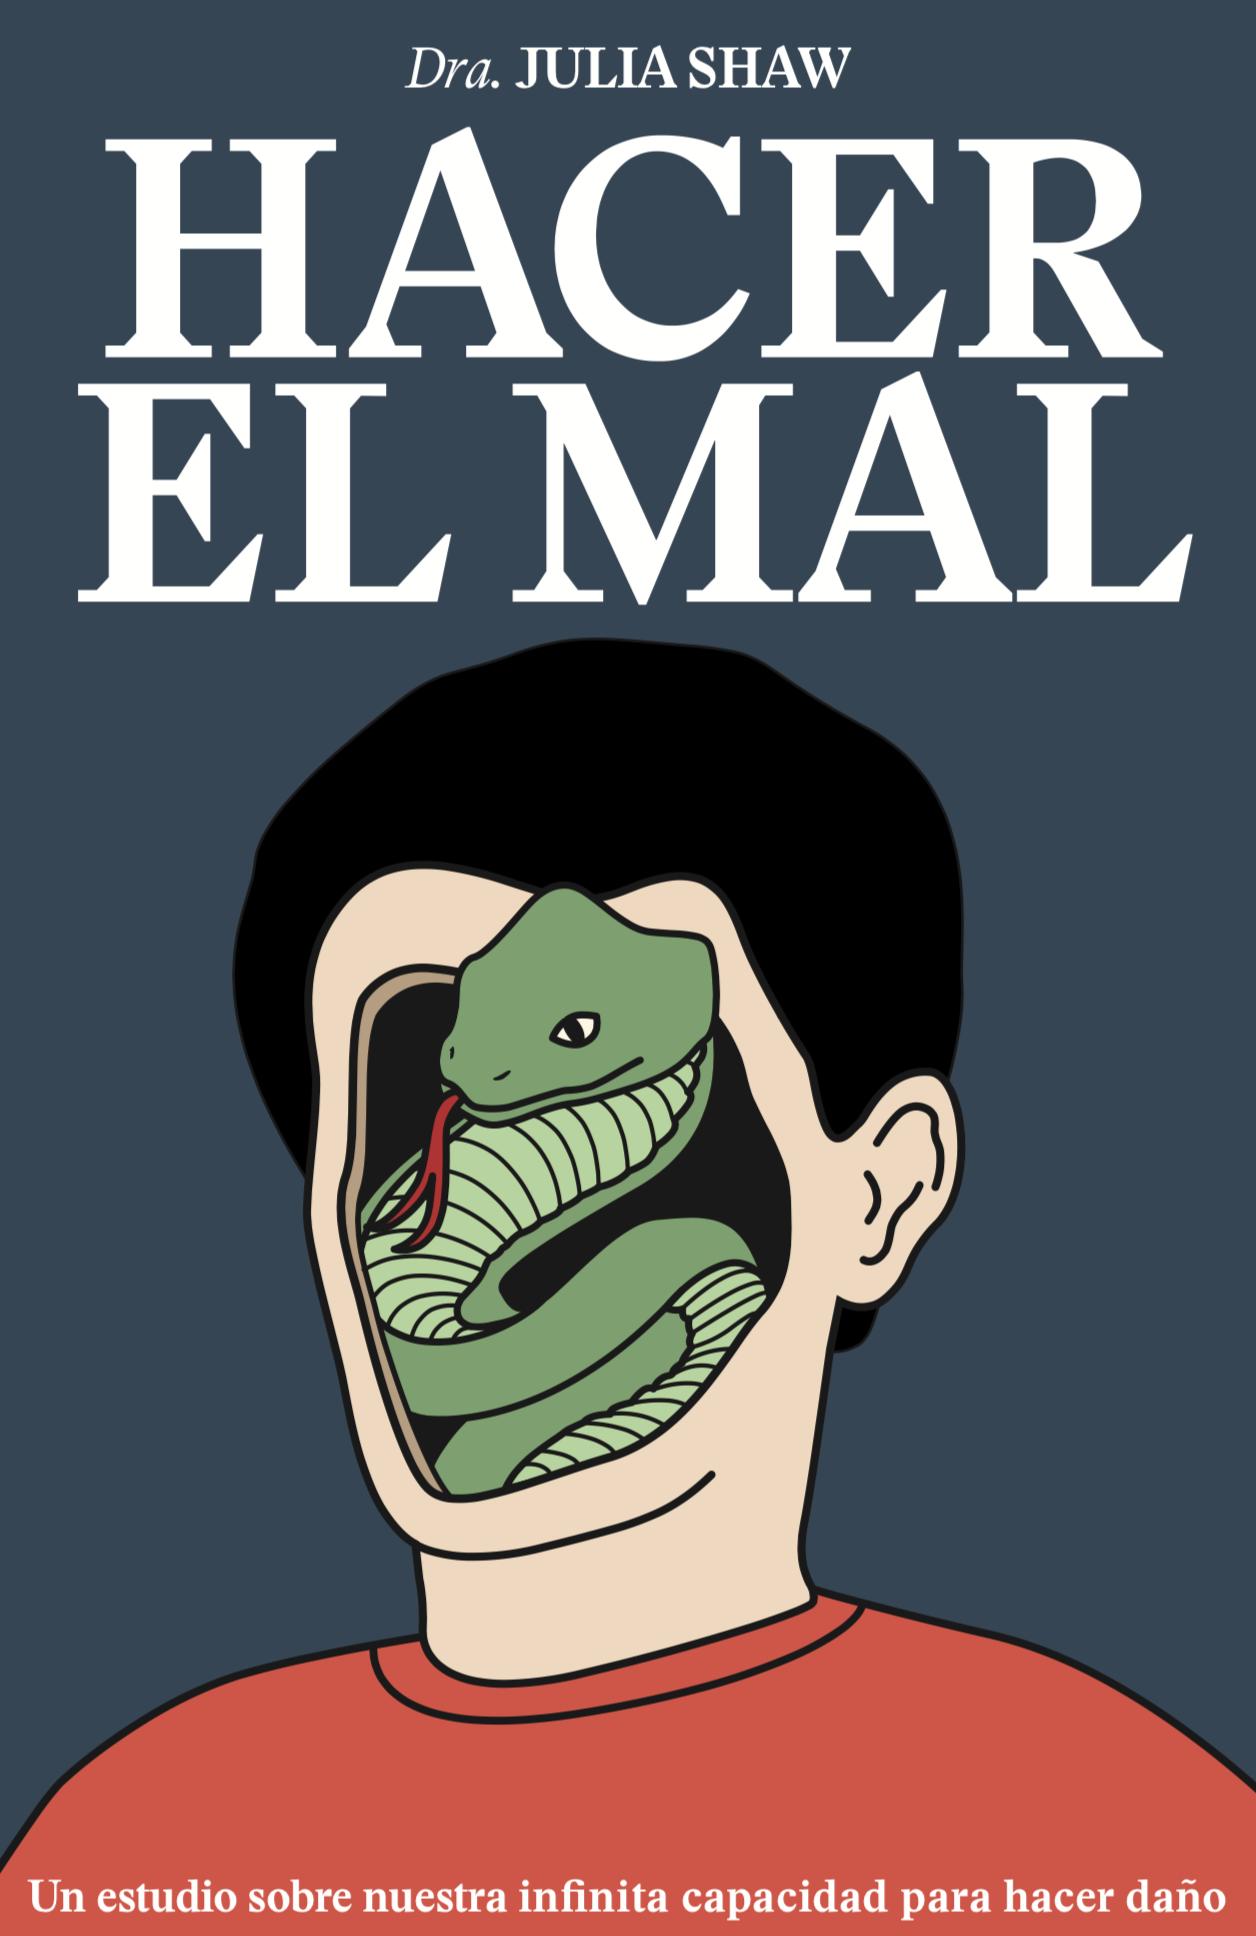 Making Evil Julia Shaw Spanish Hacer el mal.png